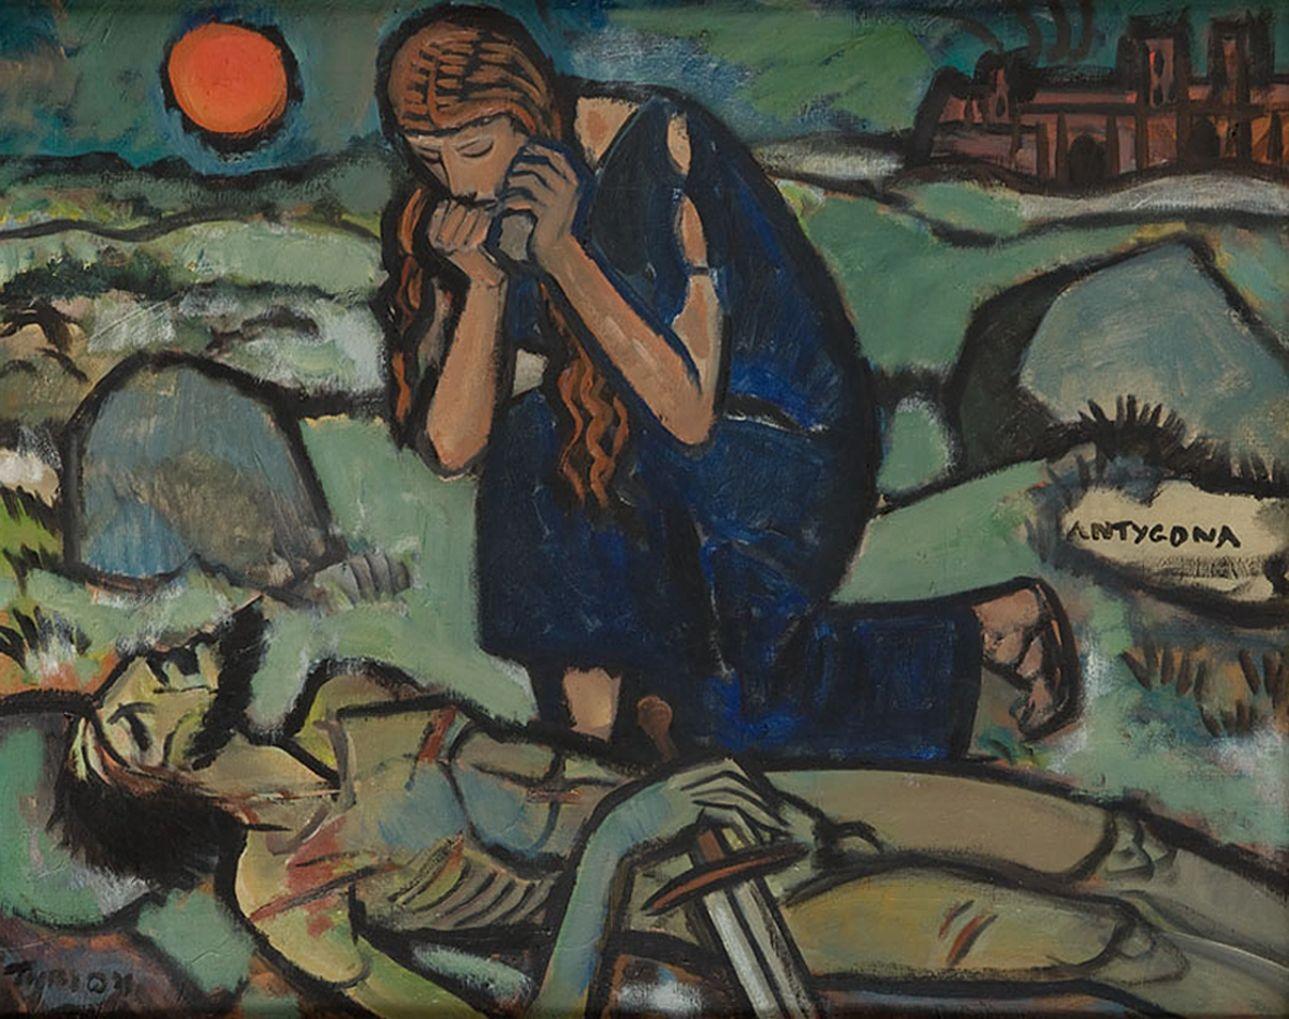 Тимон Нешеловський. Антигона, 1963; олія, полотно